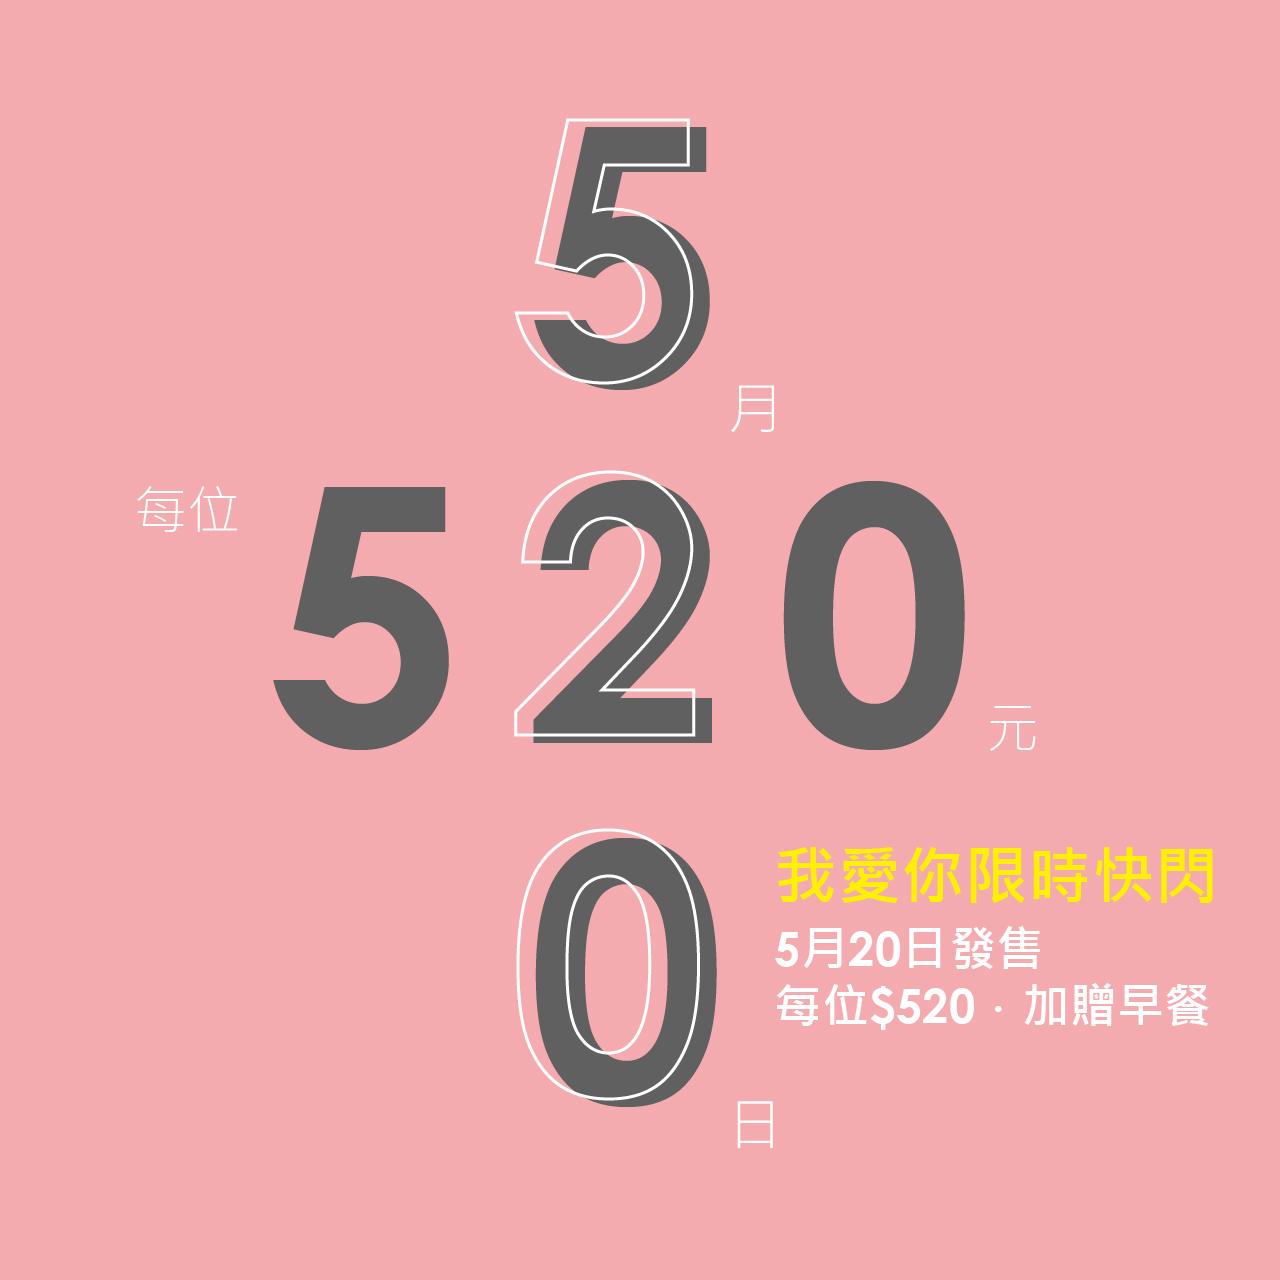 即時熱門文章:520元單人(需雙人),台東翻修飯店值得入住~520限定訂房~